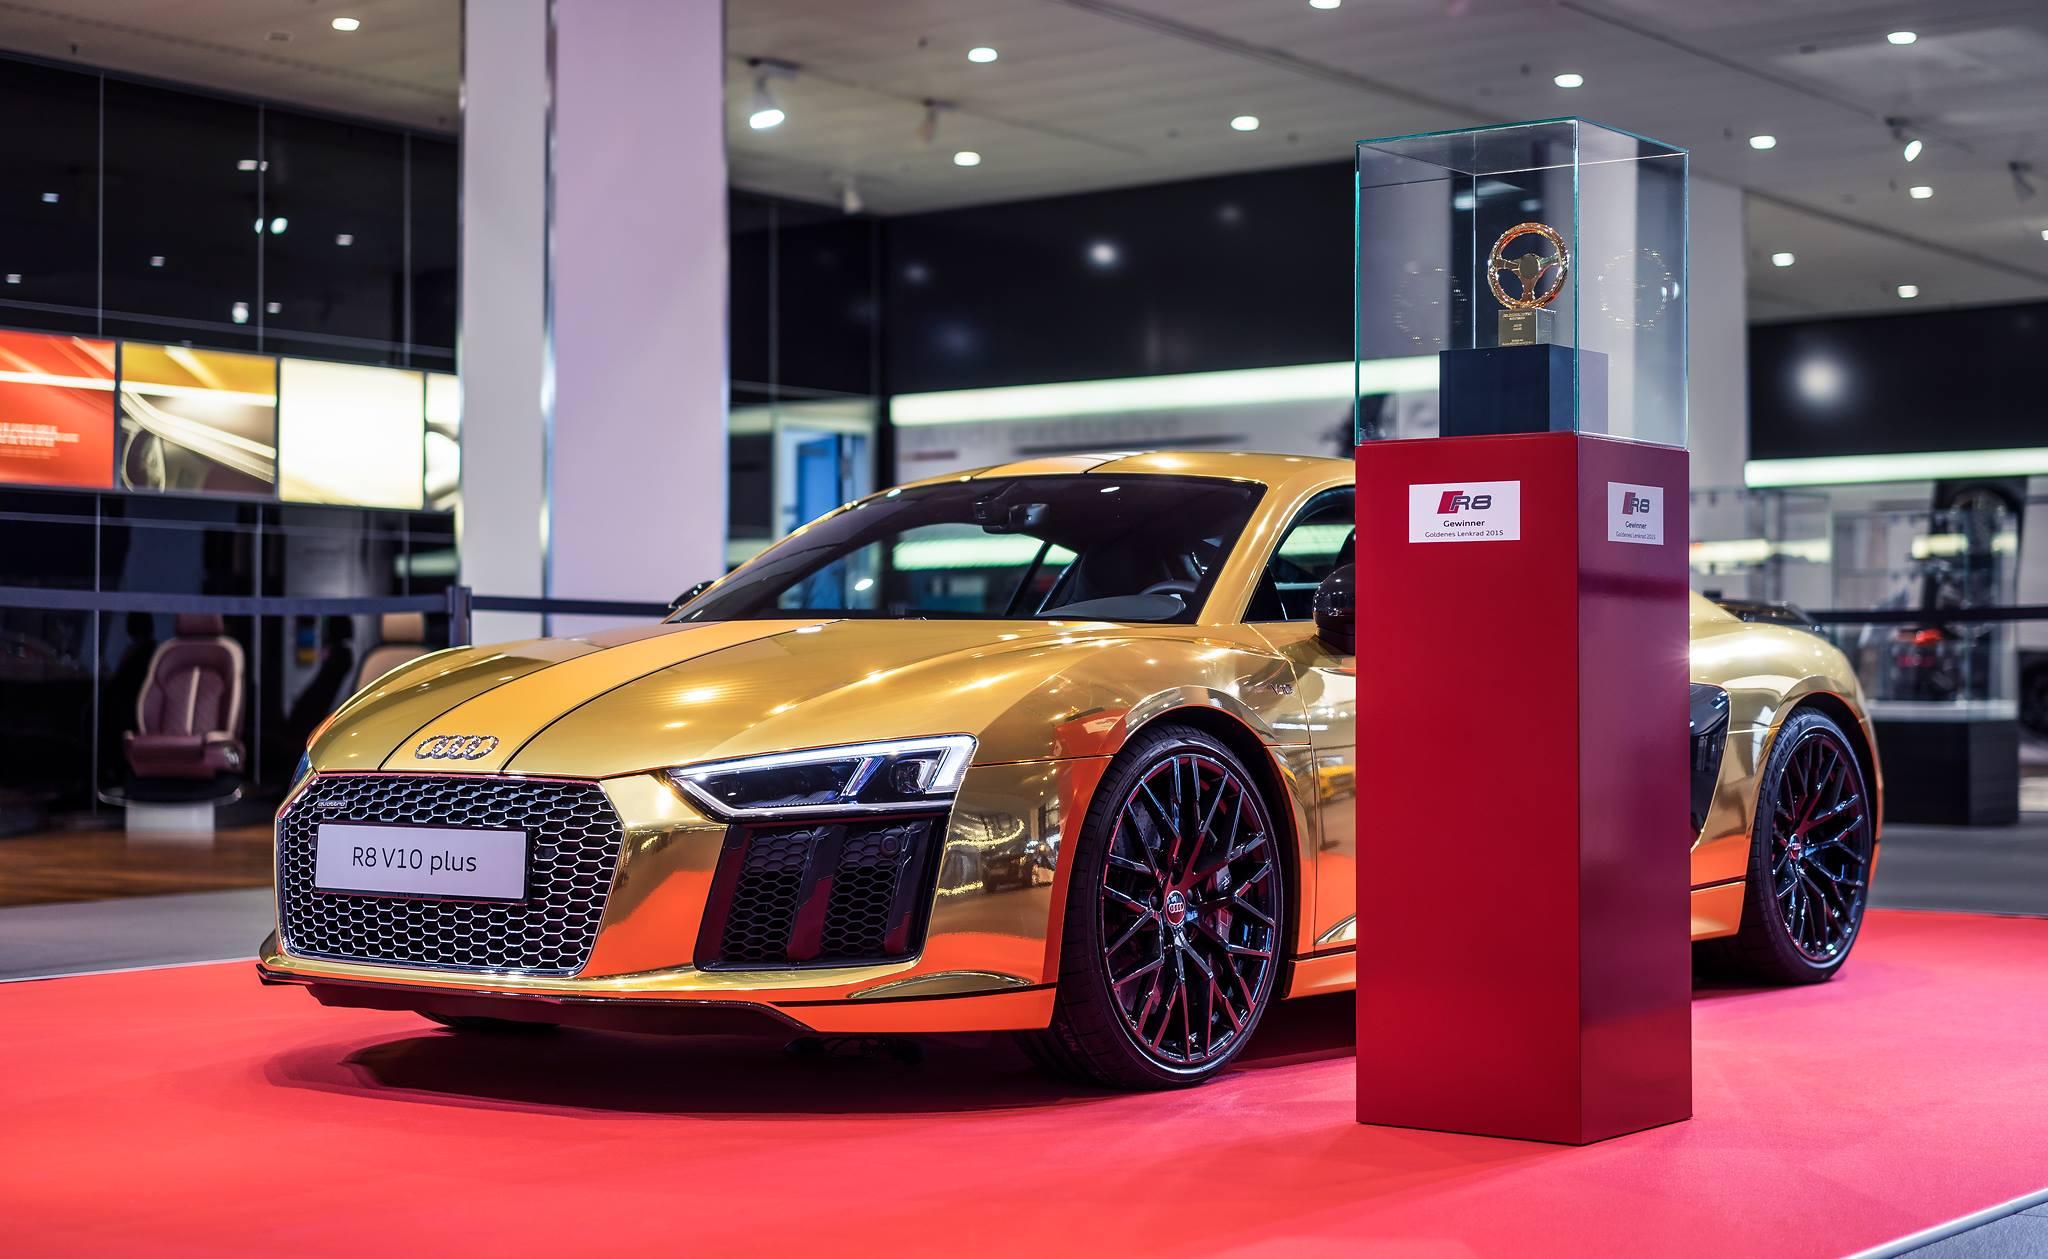 2016 Audi R8 V10 Plus Gets Official Chrome Gold Wrap Autoevolution